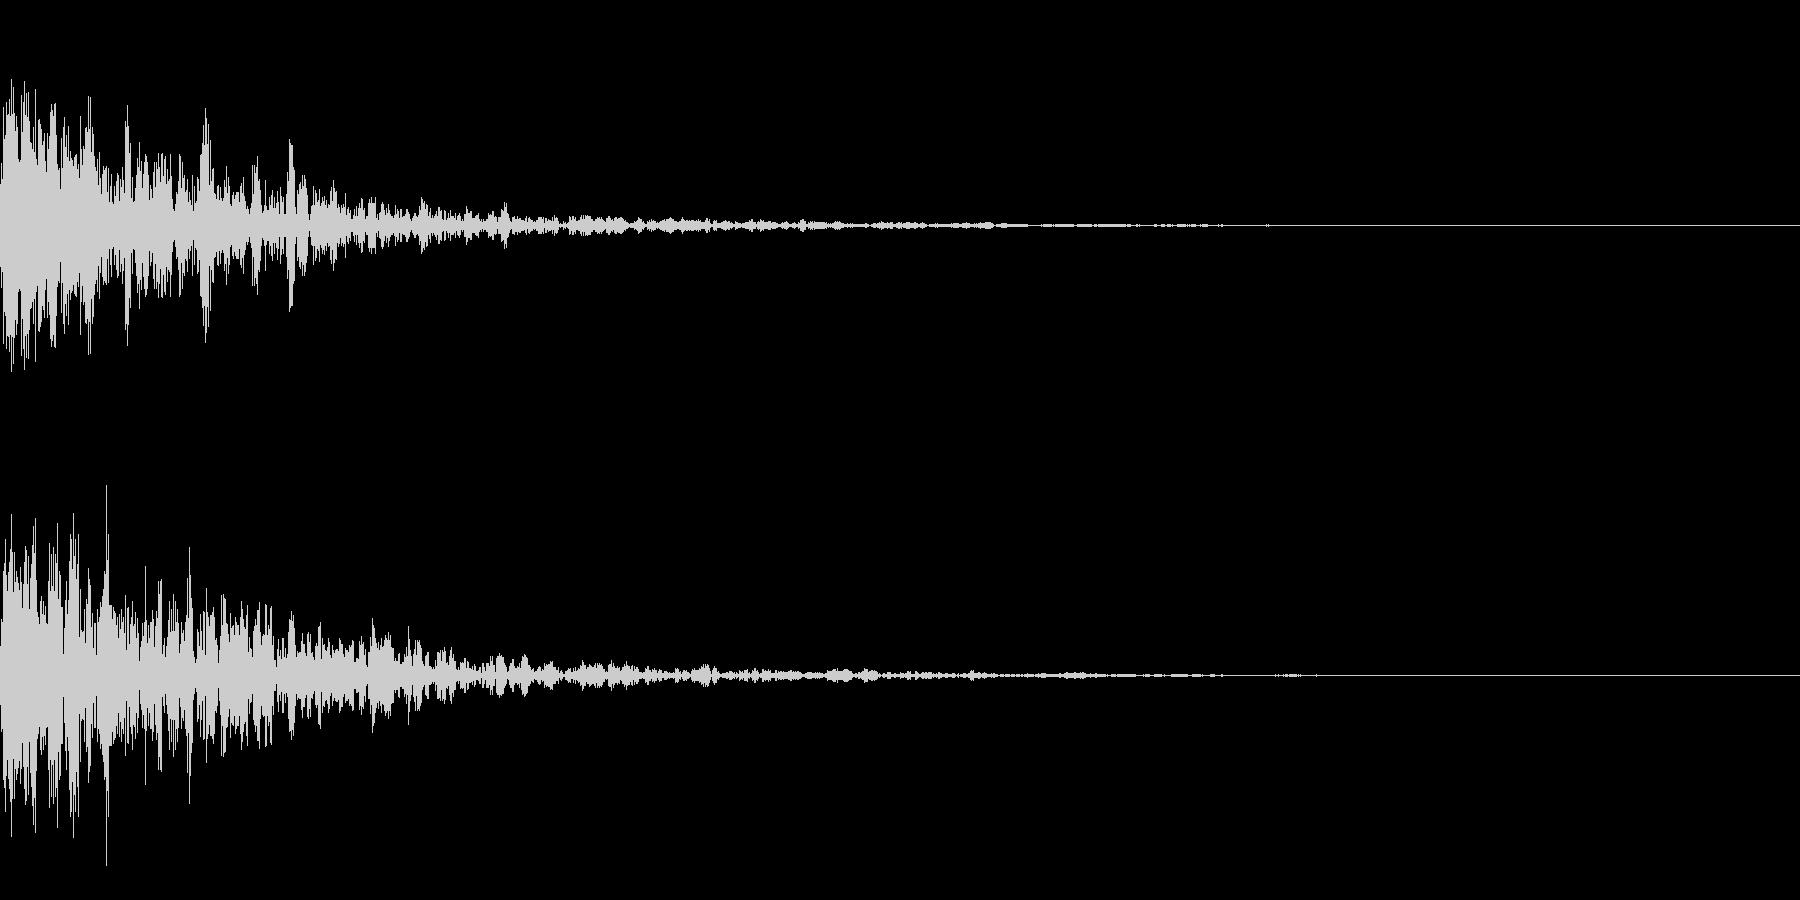 ドーン-31-1(インパクト音)の未再生の波形